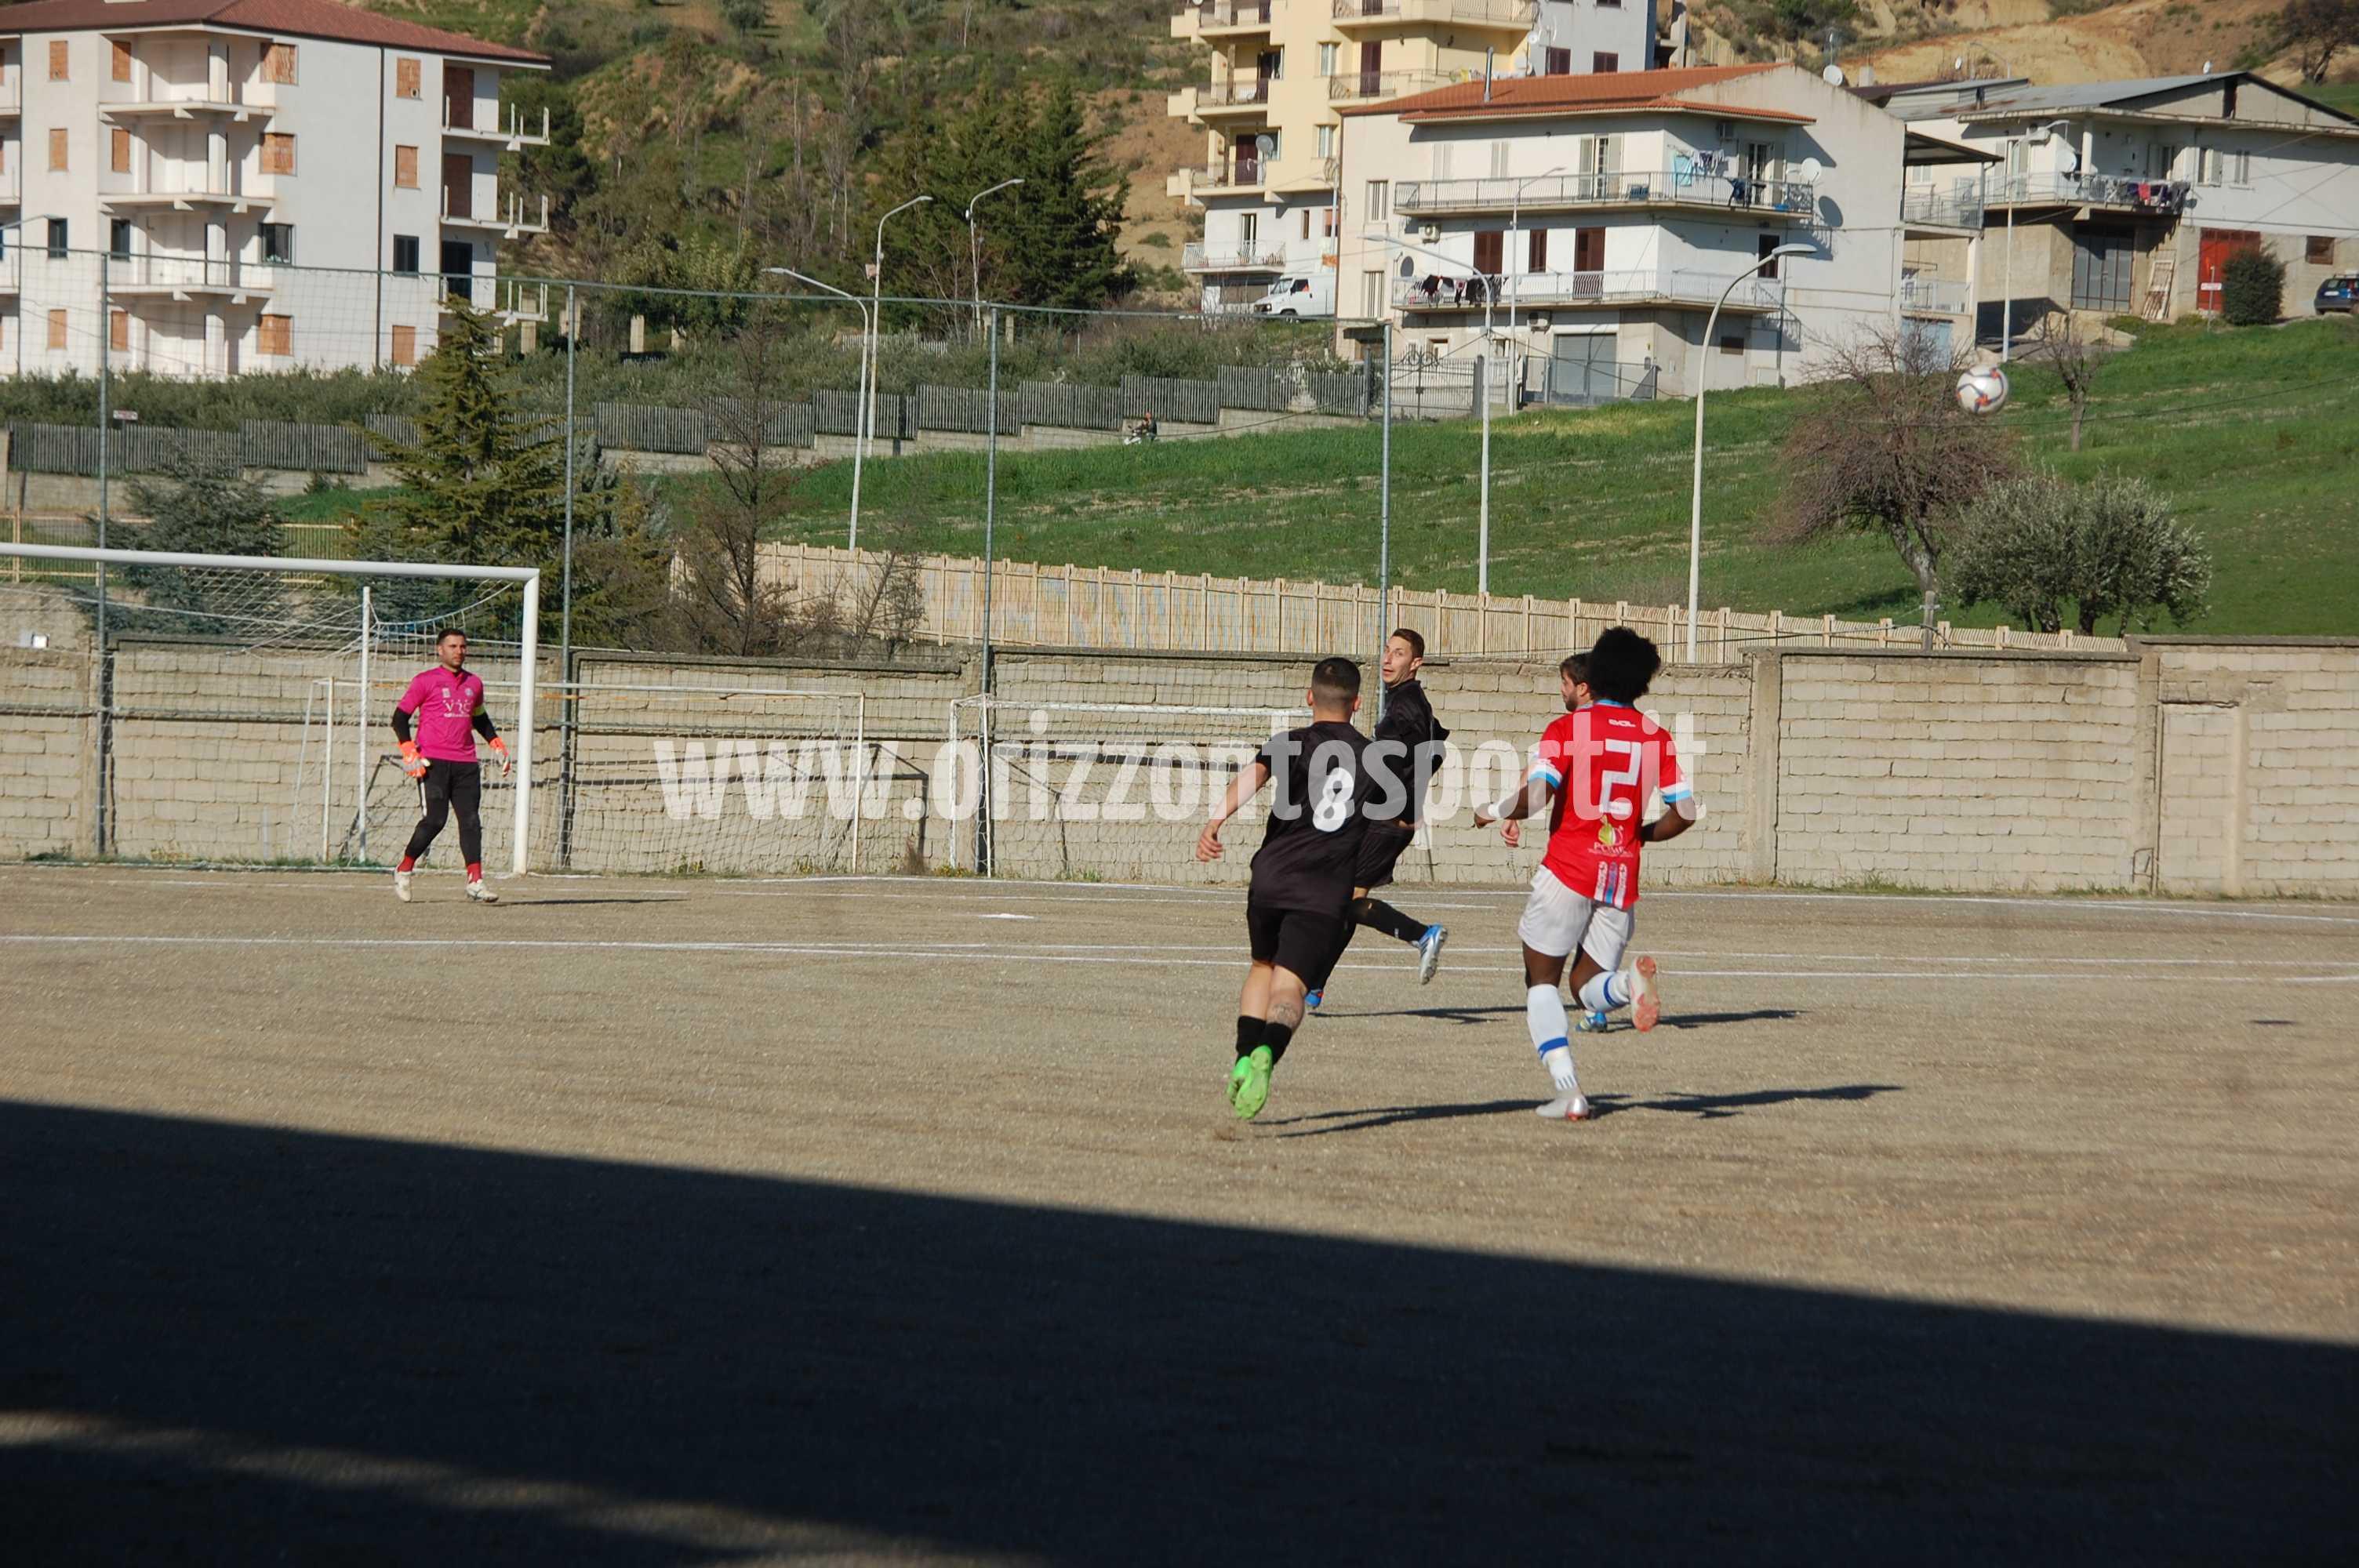 cassano_aprigliano (62)